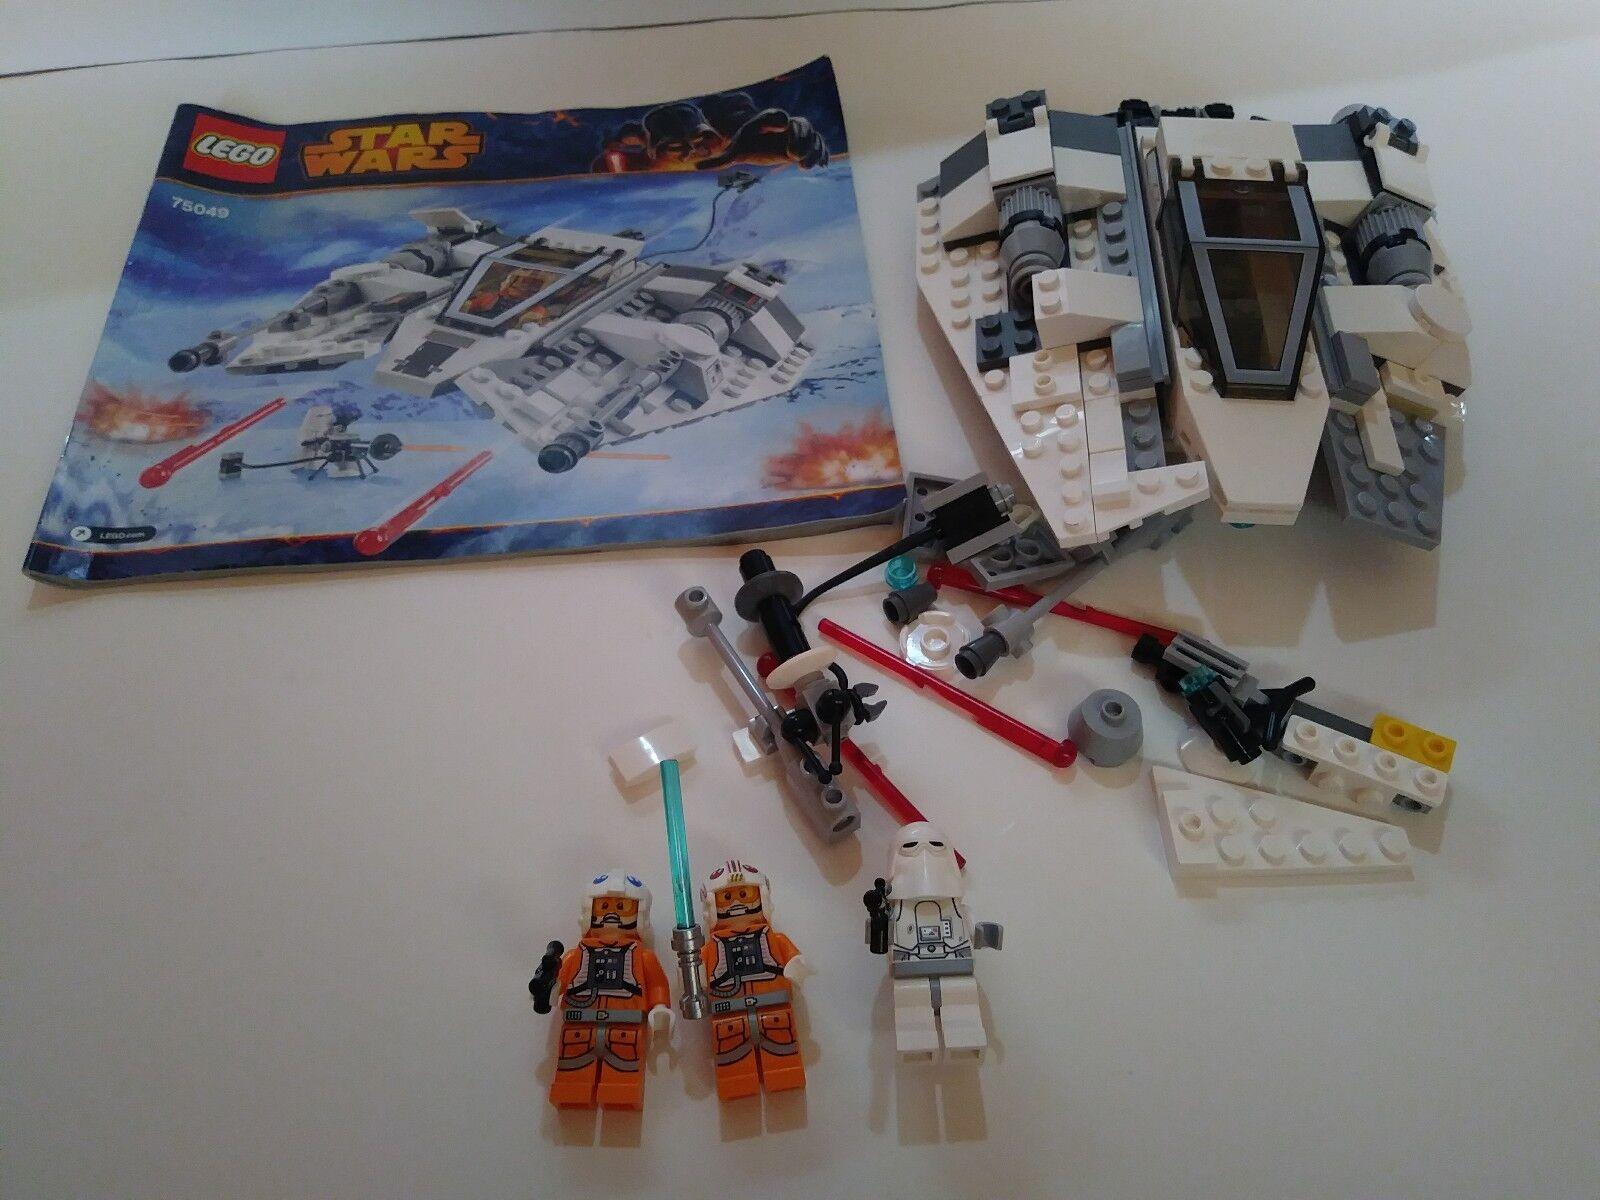 LEGO estrella guerras 75049 Snowspeeder 90% Built  See Pics 100% completare  risparmia il 60% di sconto